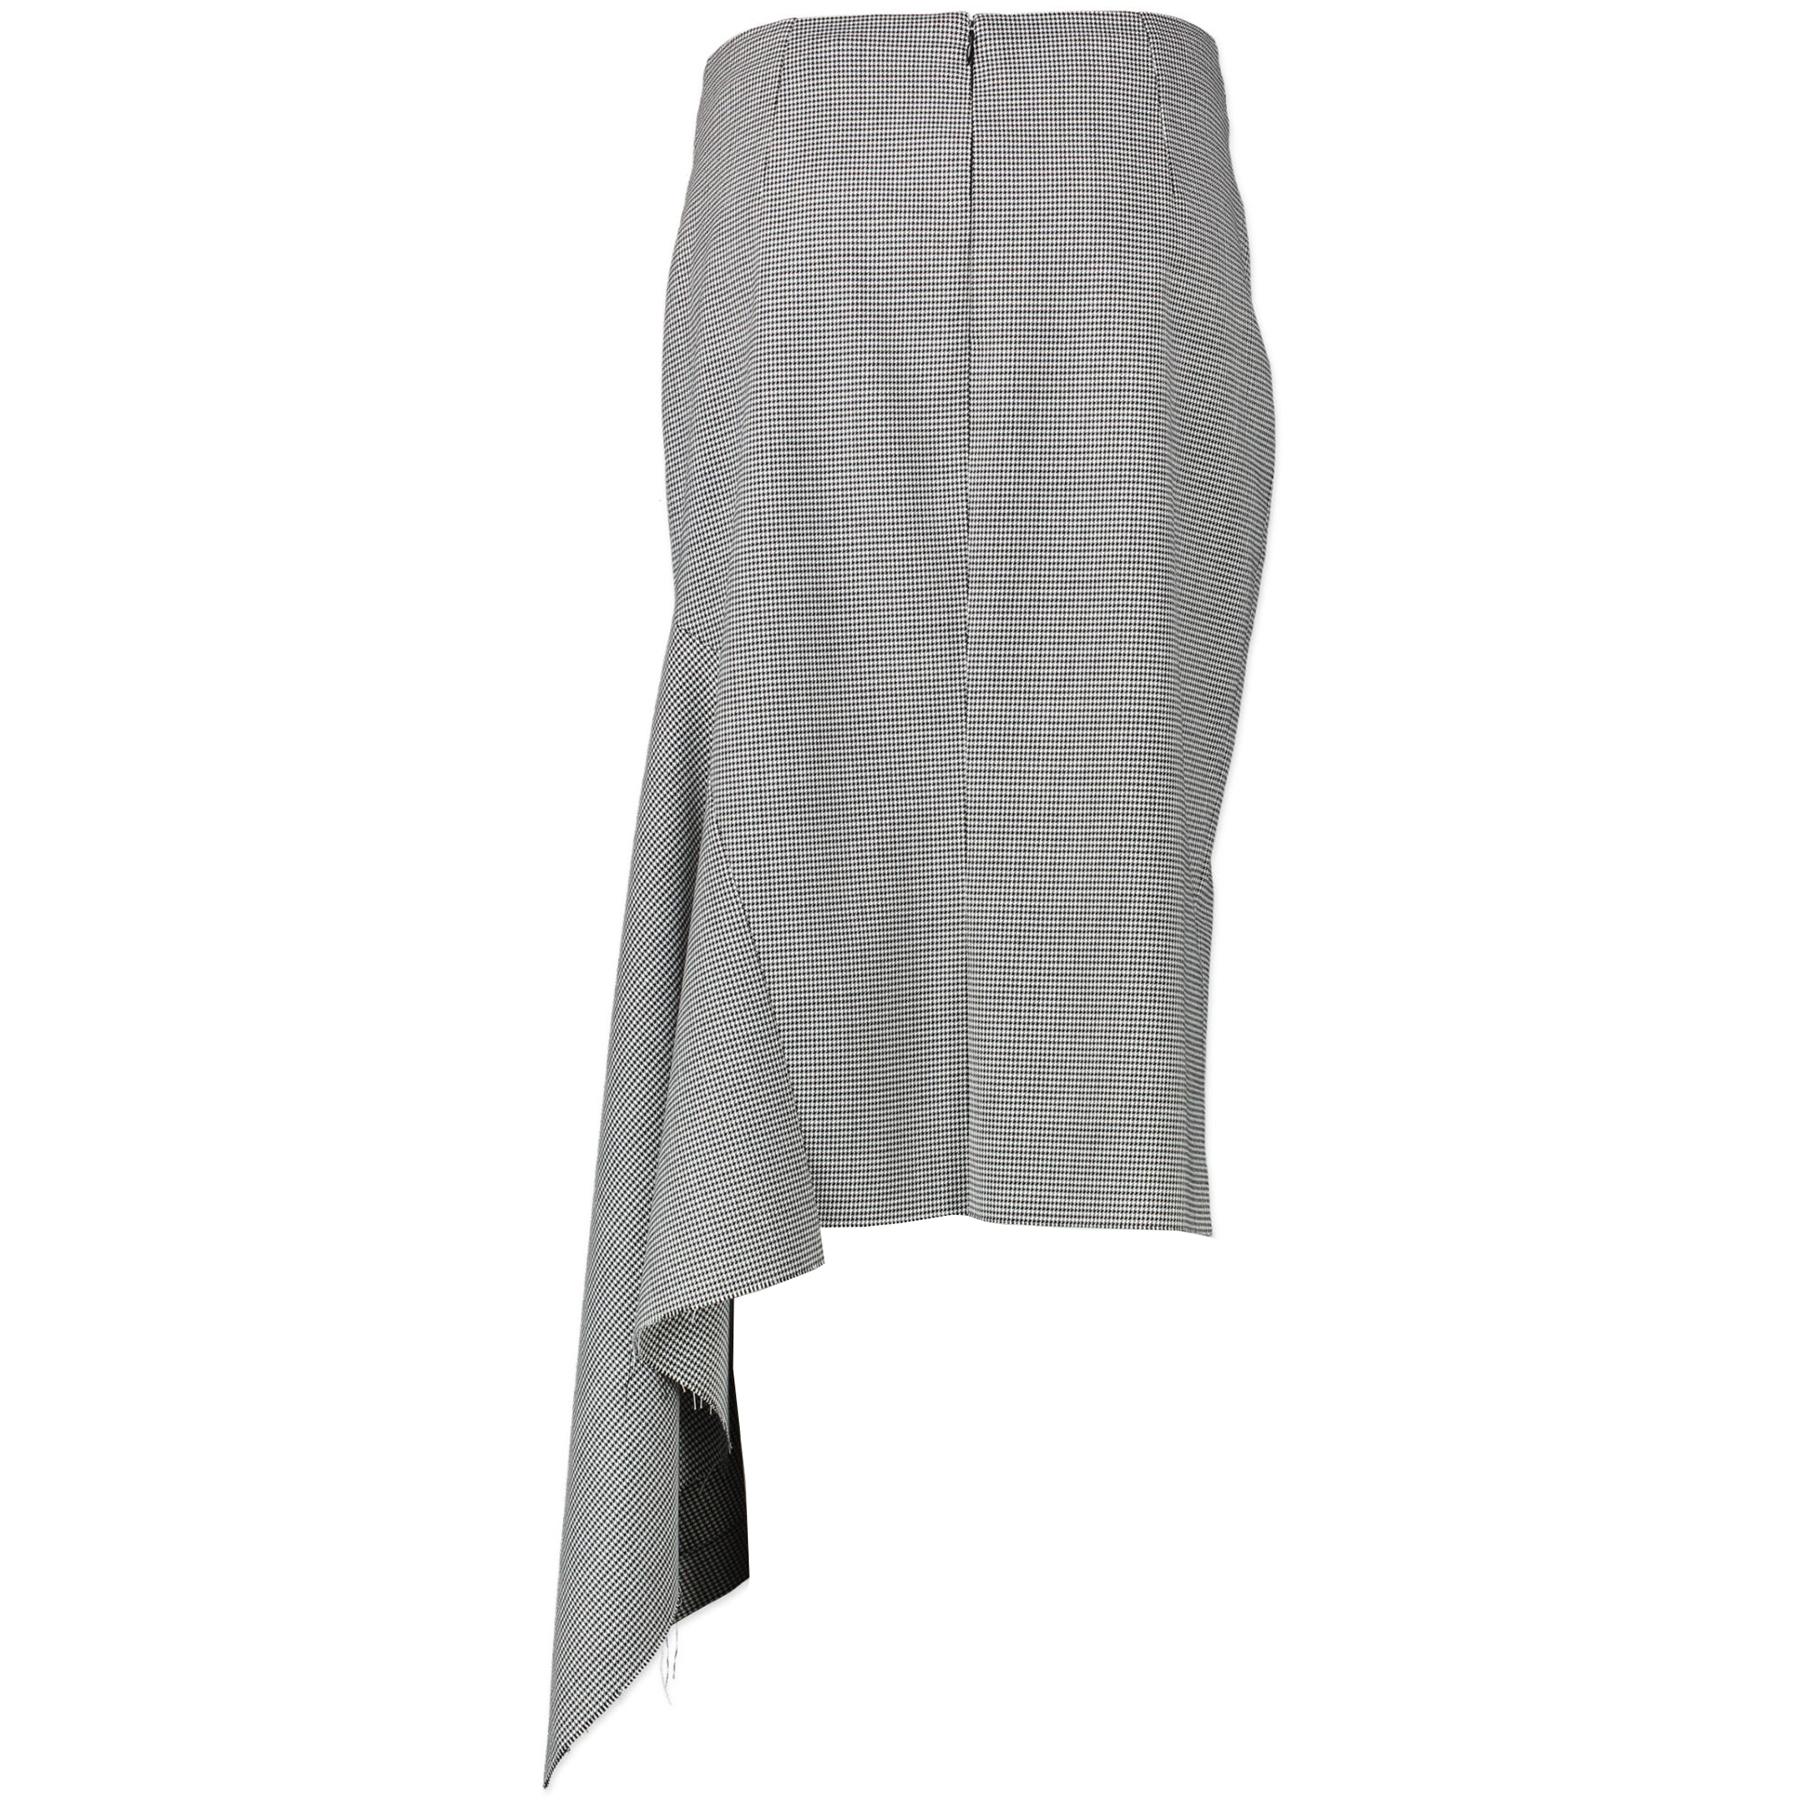 Koop authentieke Balenciaga Asymetrical Houndstooth Skirt - Size 40 aan de jusite prijs online in alle veiligheid LabelLOV Antwerpen België